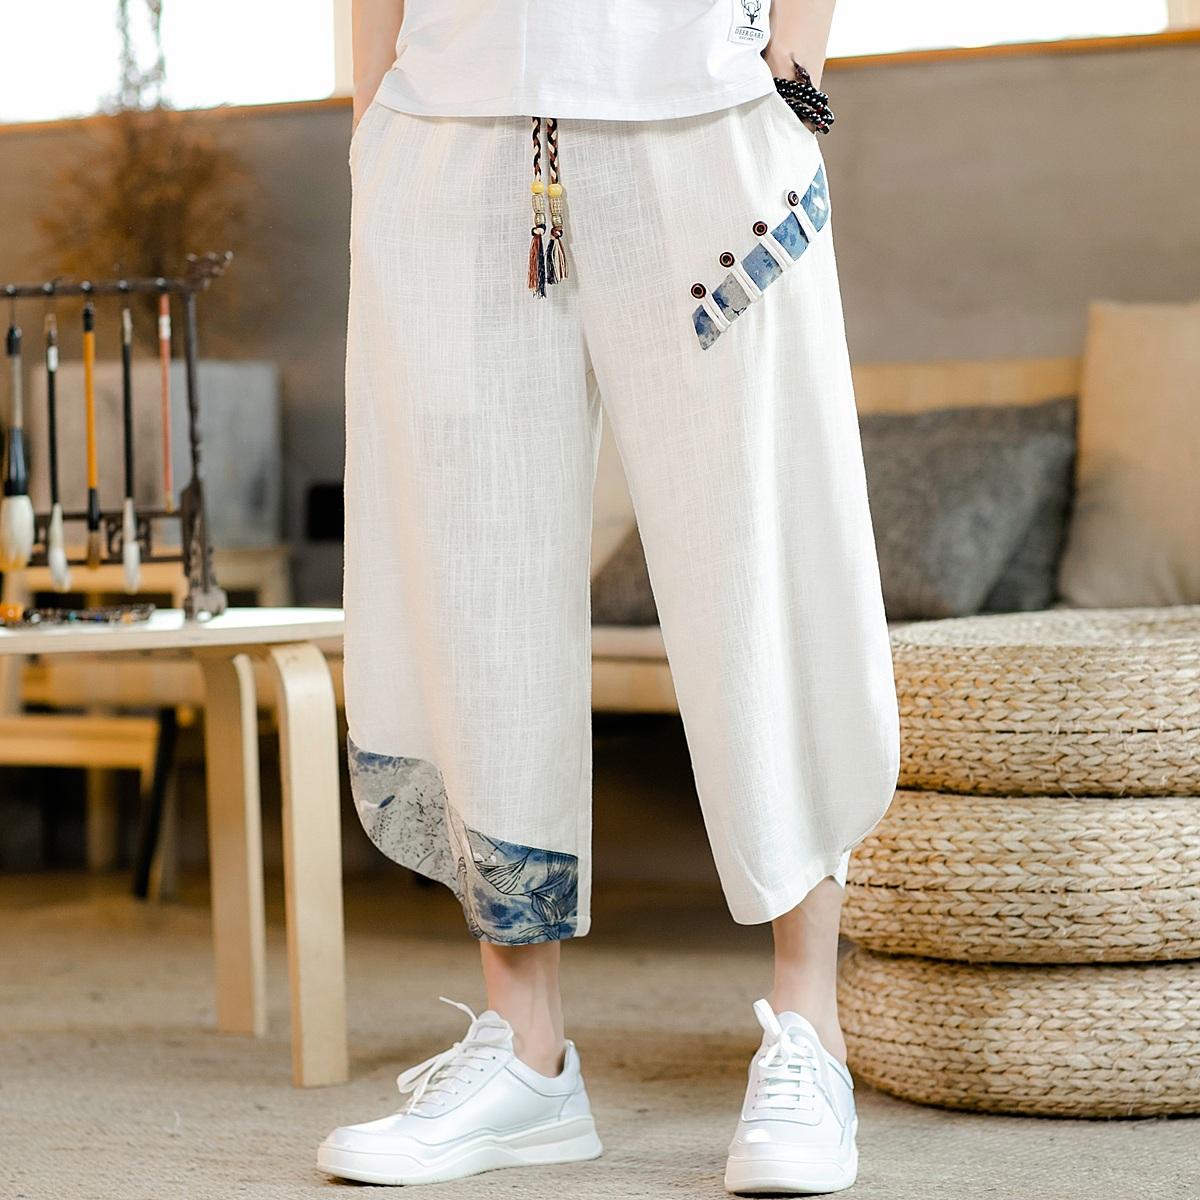 夏季中国风唐装亚麻休闲裤套装男士复古透气哈伦裤薄男短裤七分裤